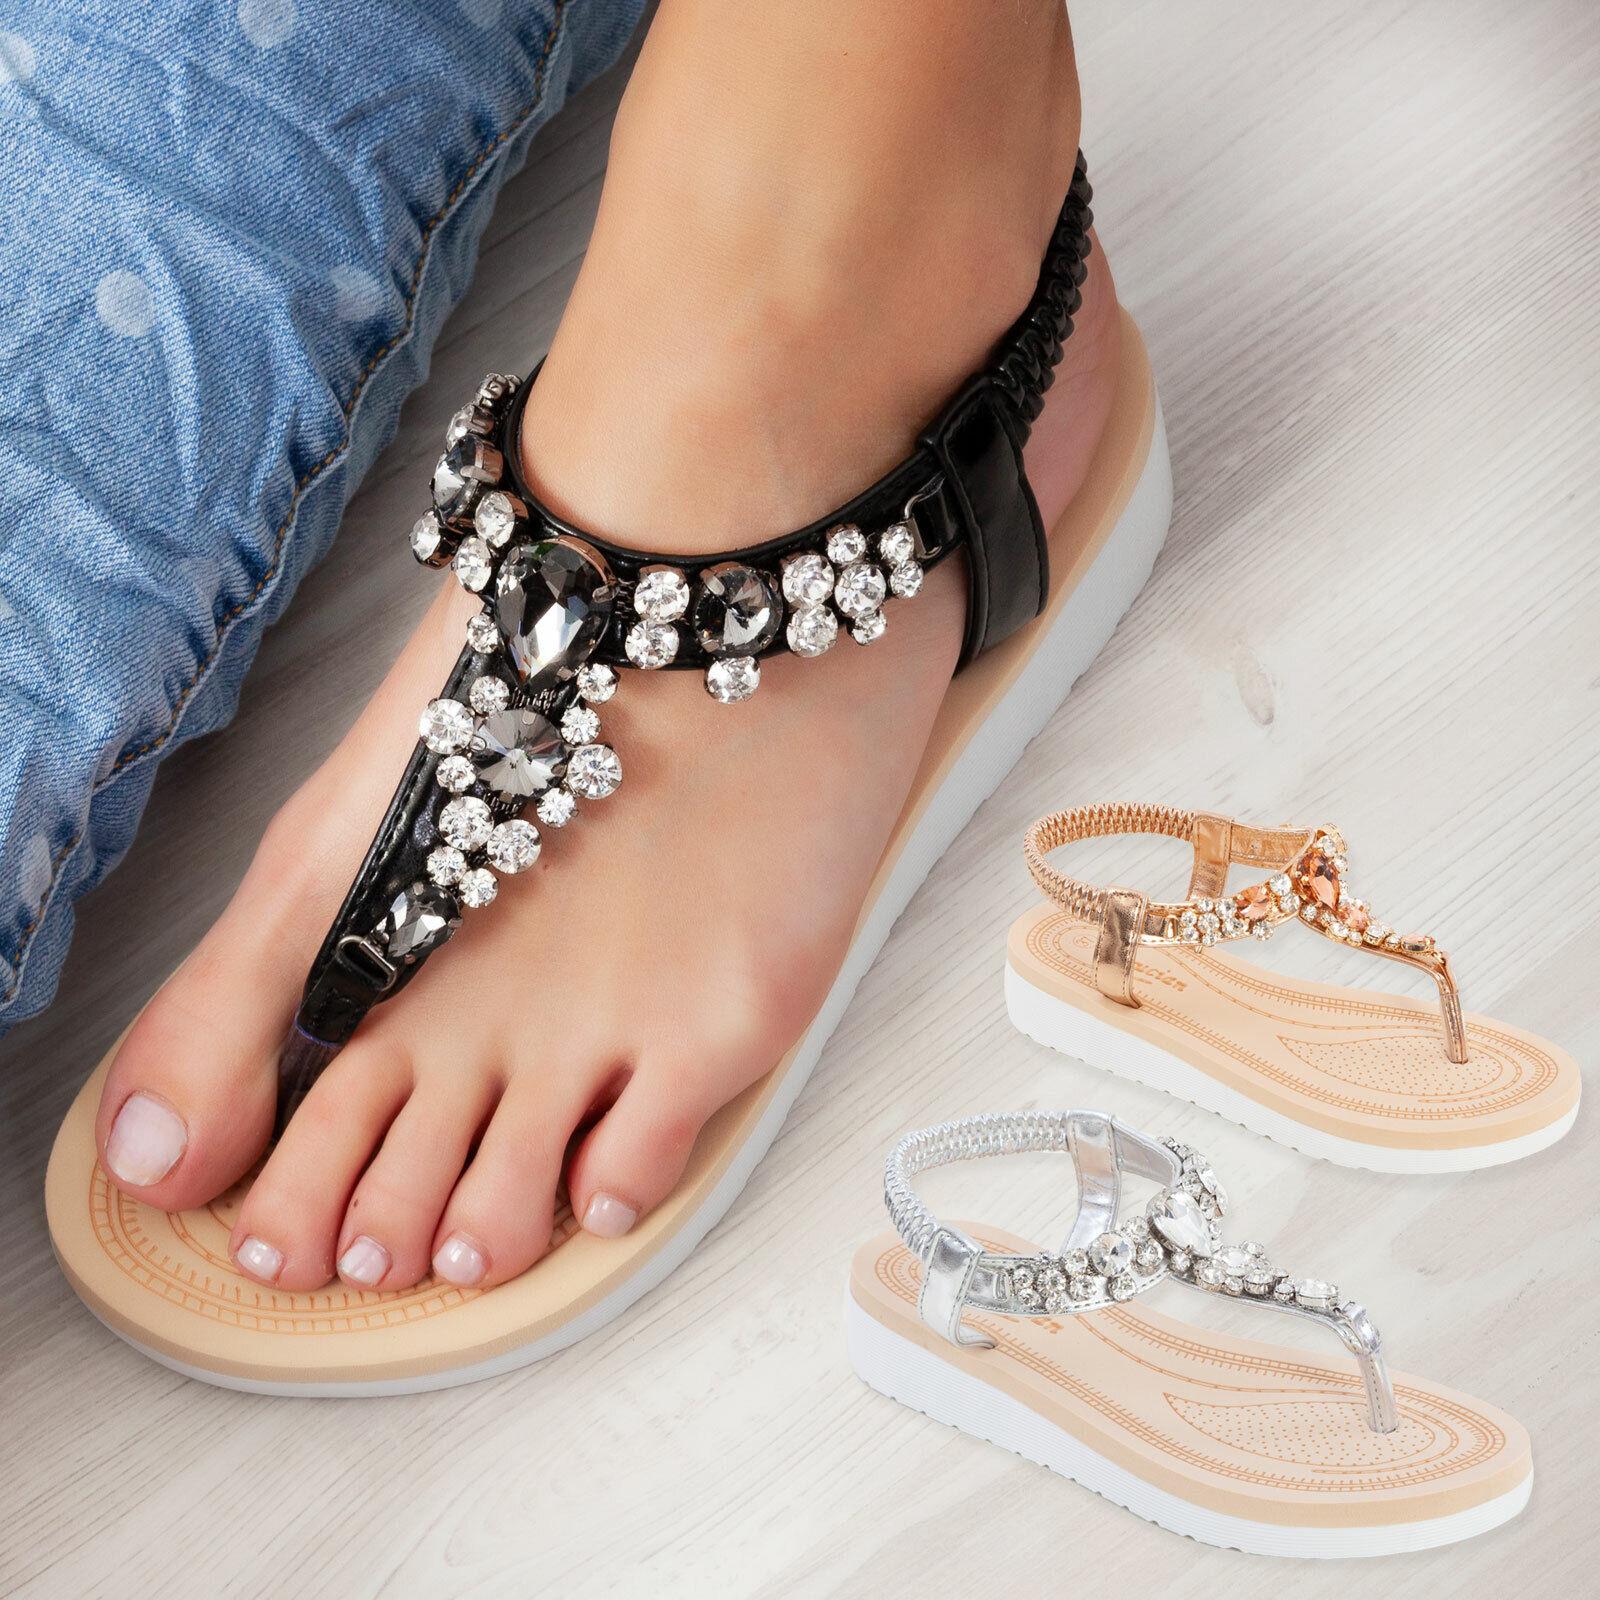 Sandales Femmes Chaussures Semelle Plate Montre Élastique Bijou Élégant Toocool